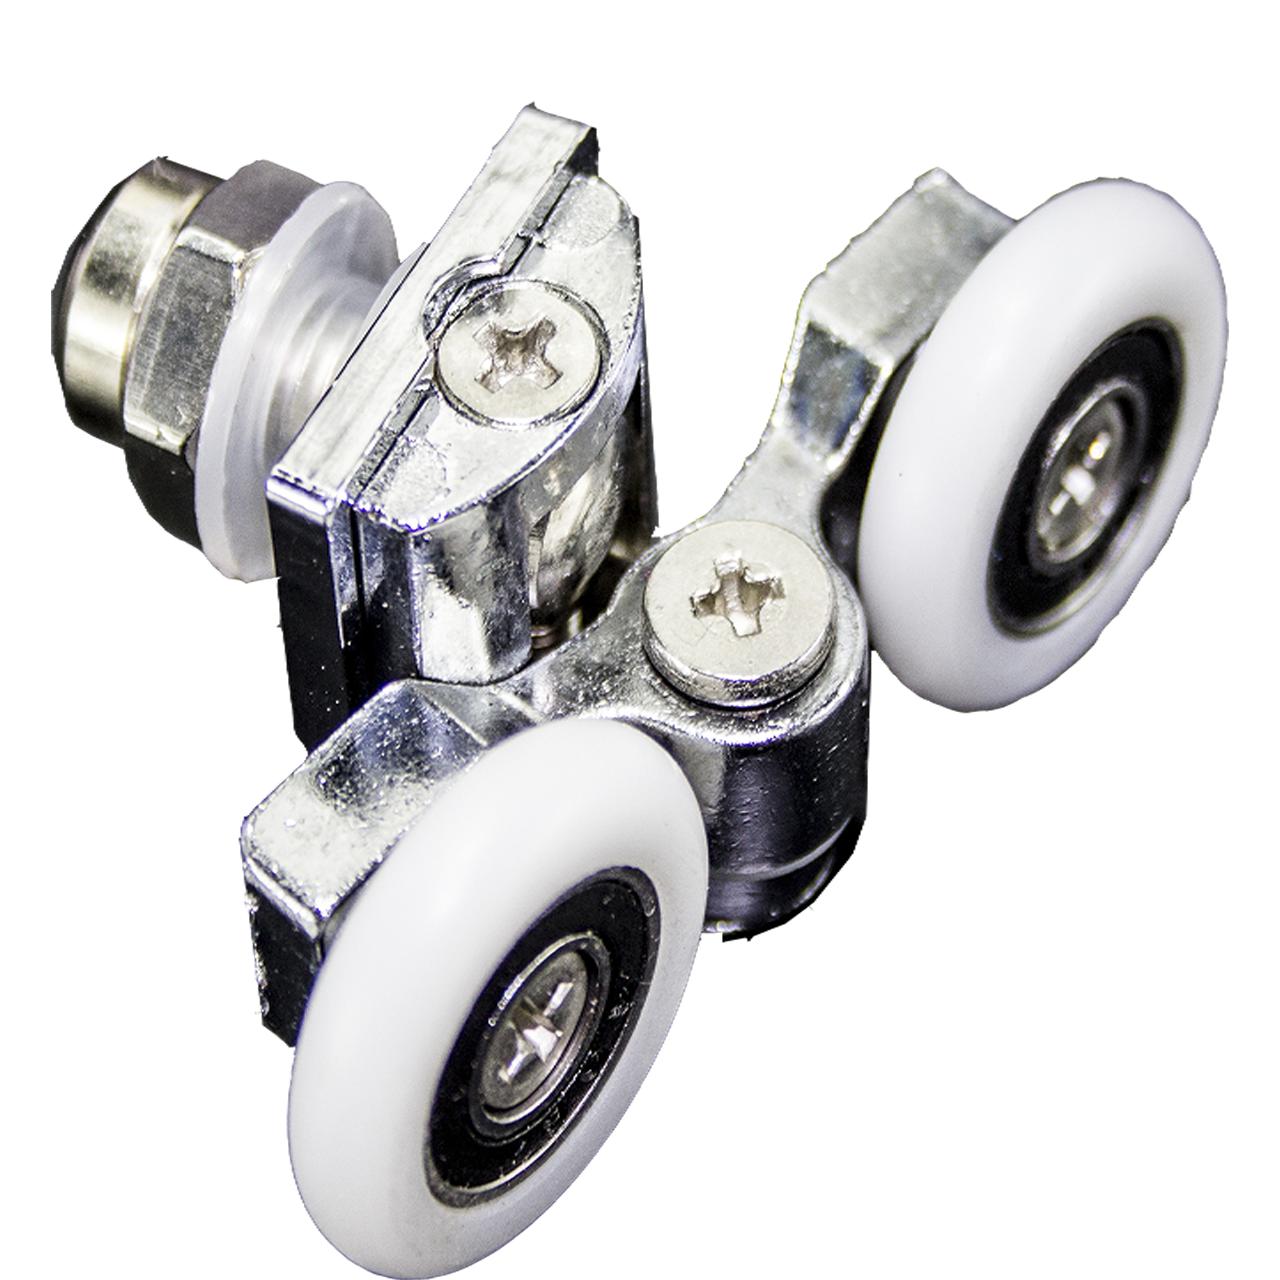 Ролики душевой кабины металлические, двойные, поворотные  ( В-07 А ) 23 мм, 8 мм